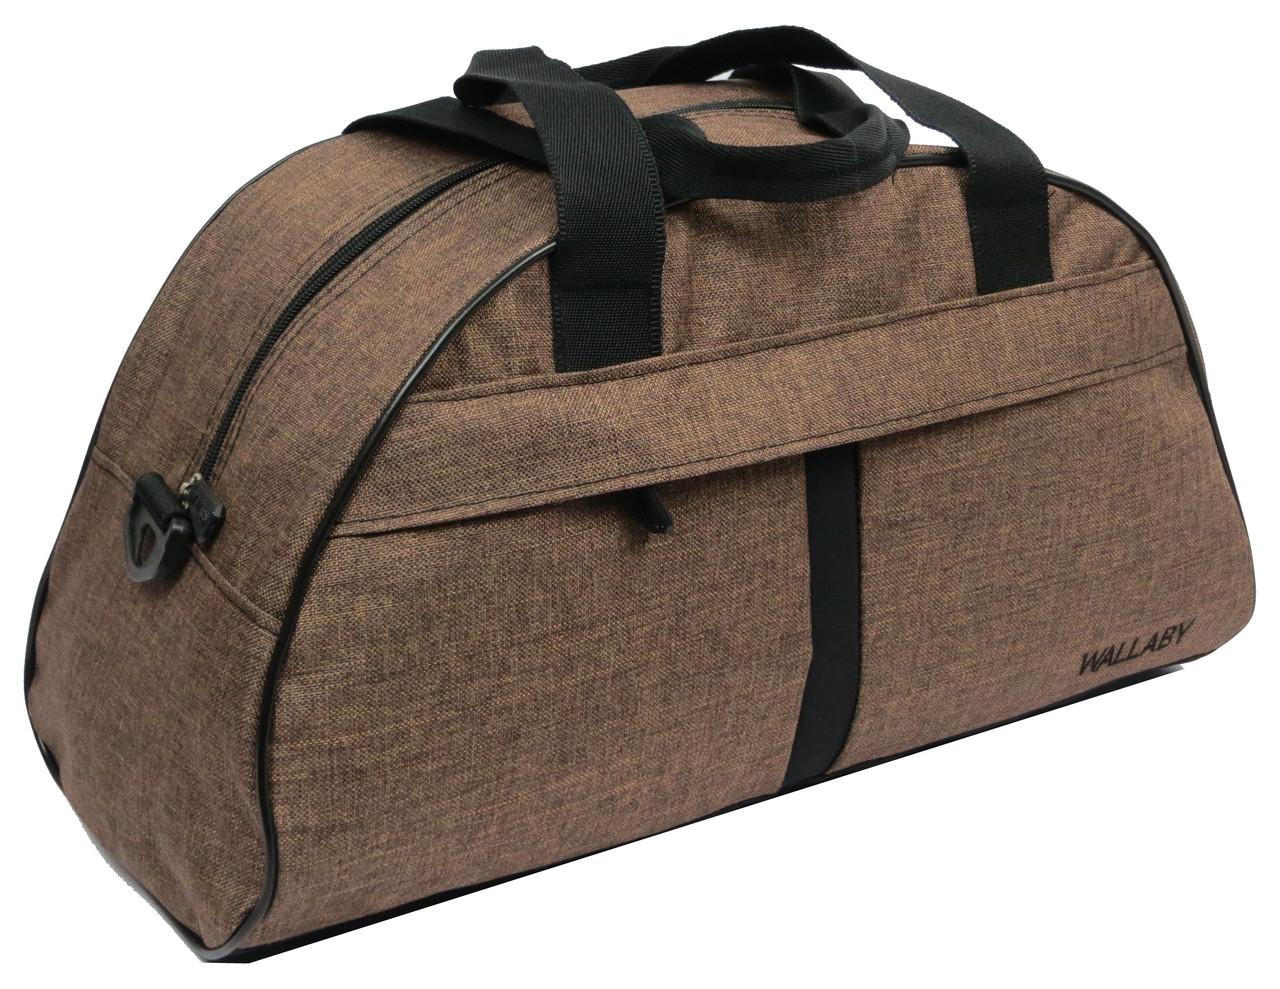 Спортивная сумка для тренировок, фитнеса 16 л Wallaby 213-1 коричневая